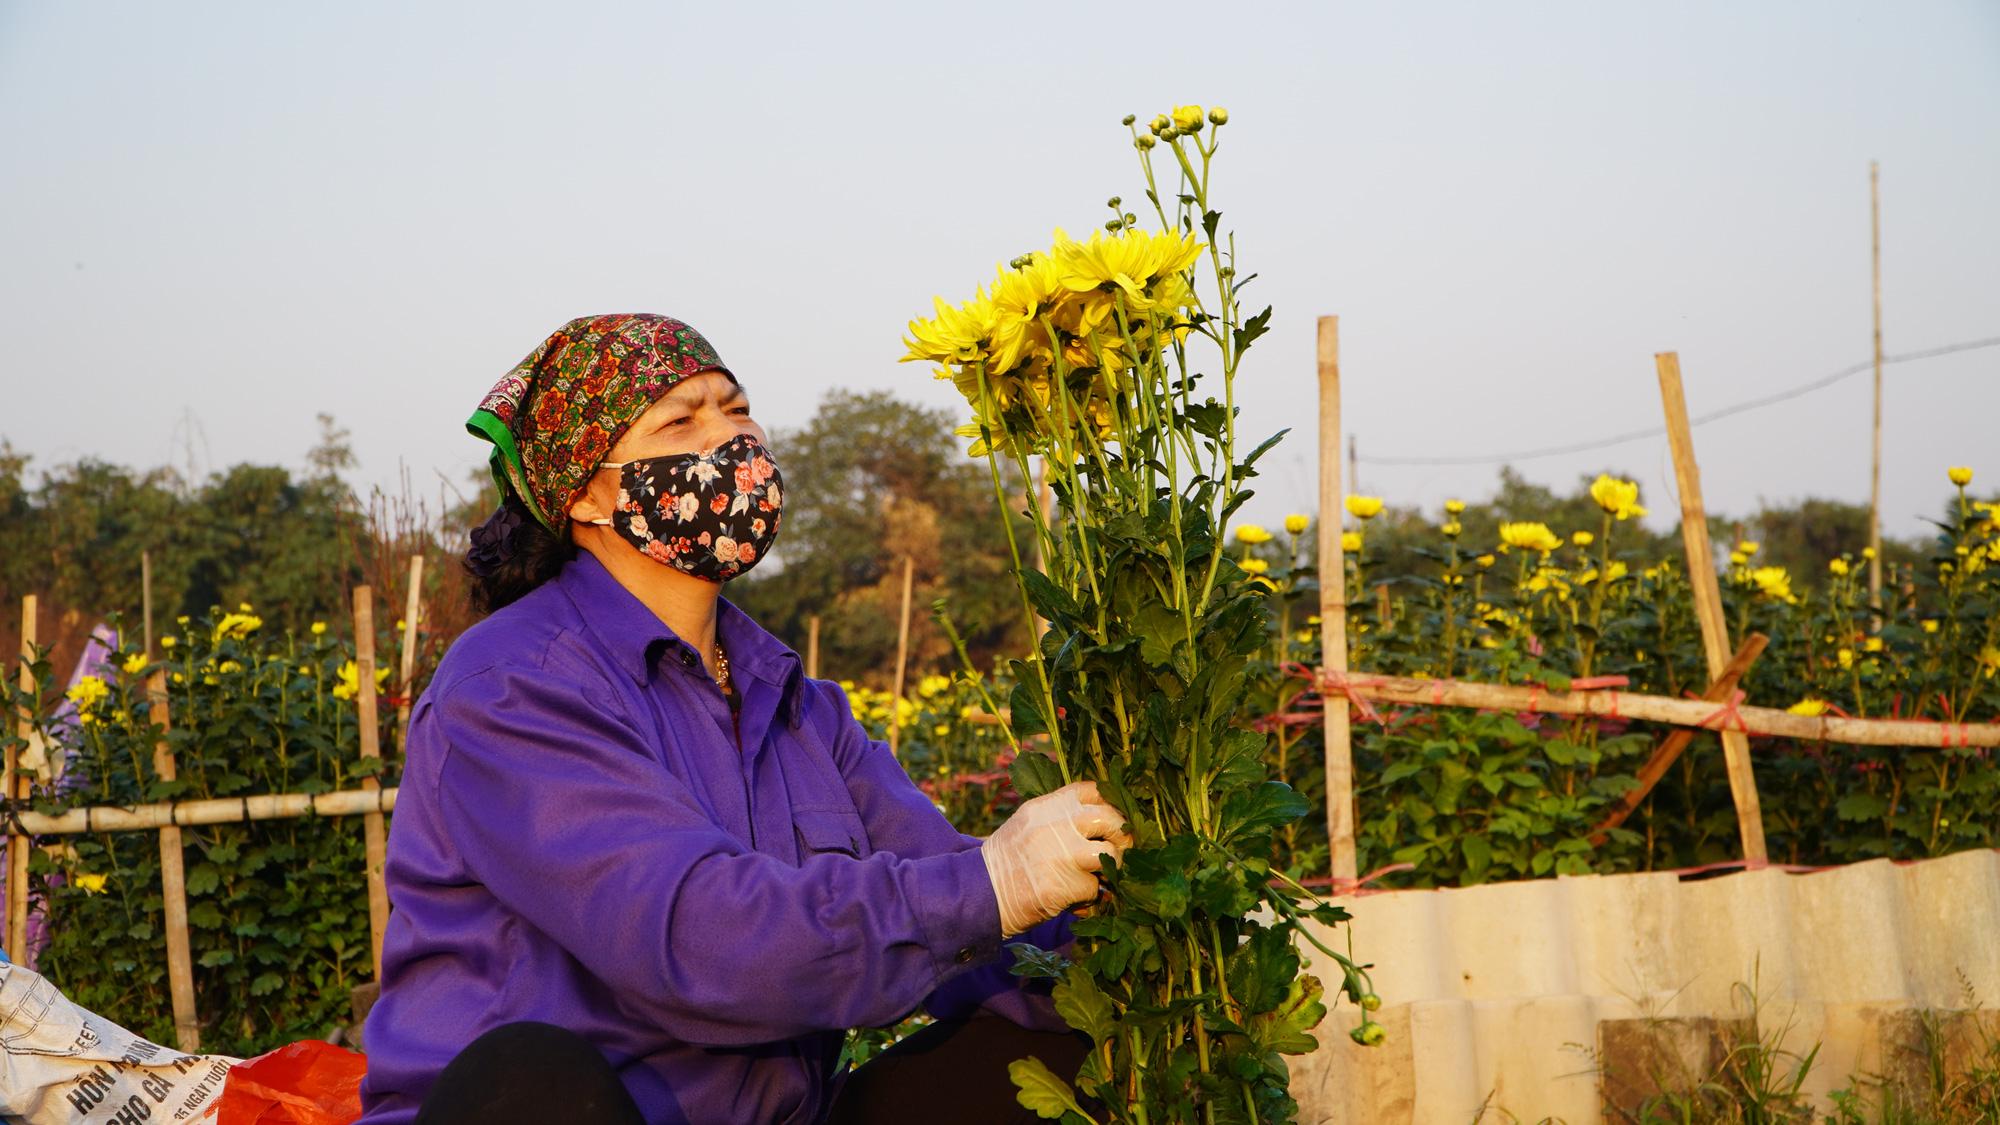 """Thời tiết tết 2021: Nông dân trồng hoa liệu có như """"đánh bạc"""" - Ảnh 4."""